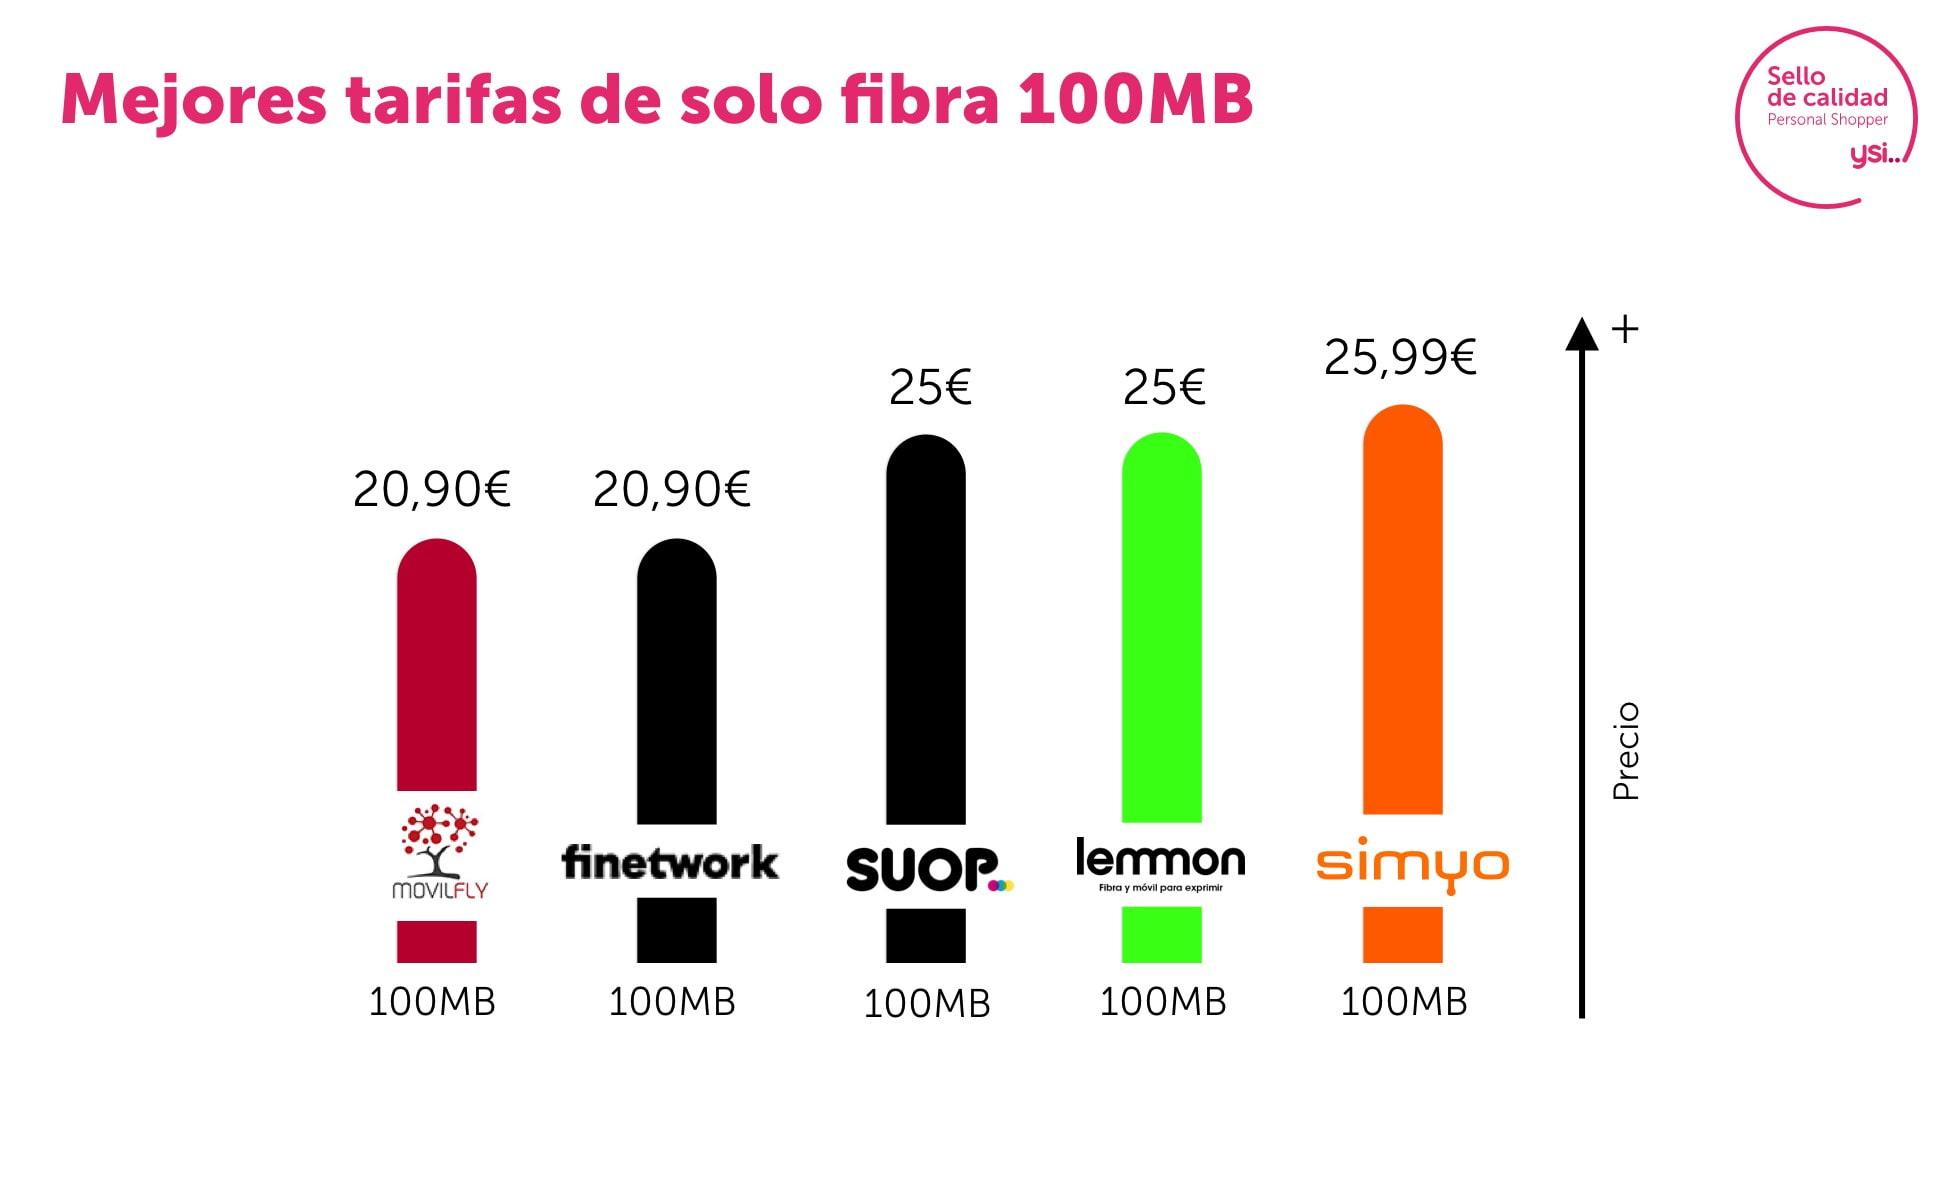 Las mejores tarifas de fibra 100 mb de mayo